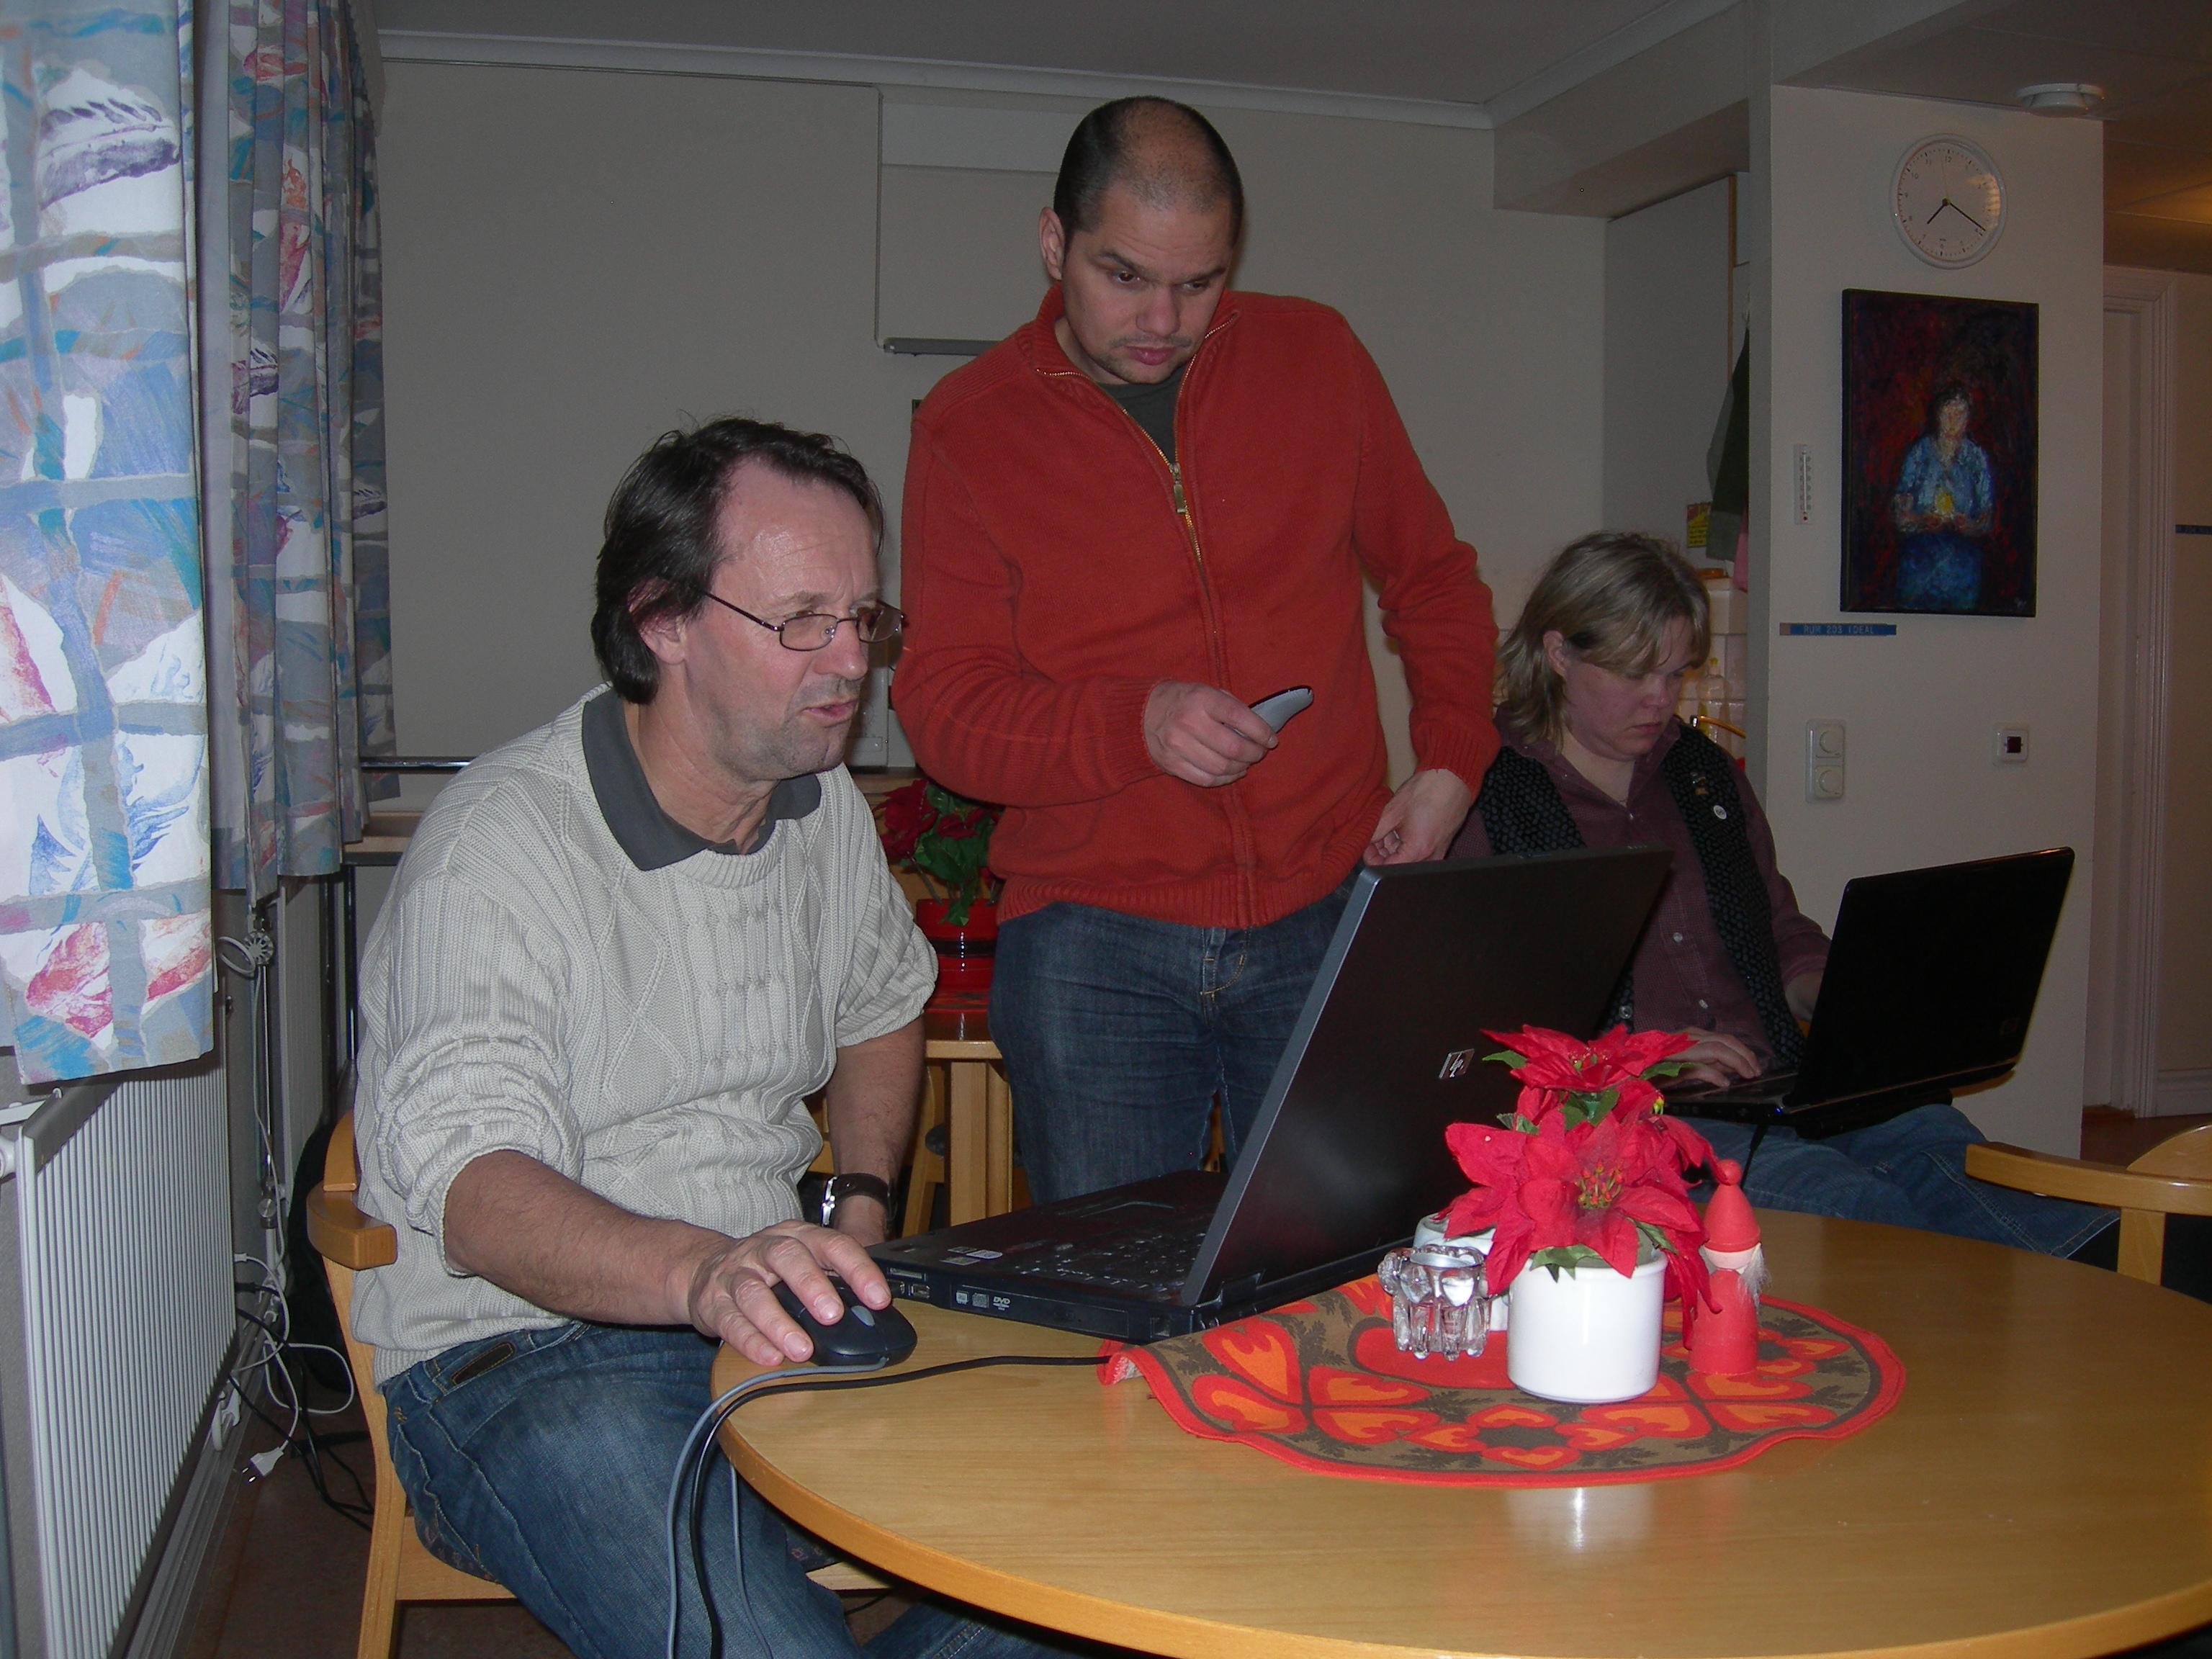 Totte får instruktioner av Christian, medan Camilla knppar på sin dator.